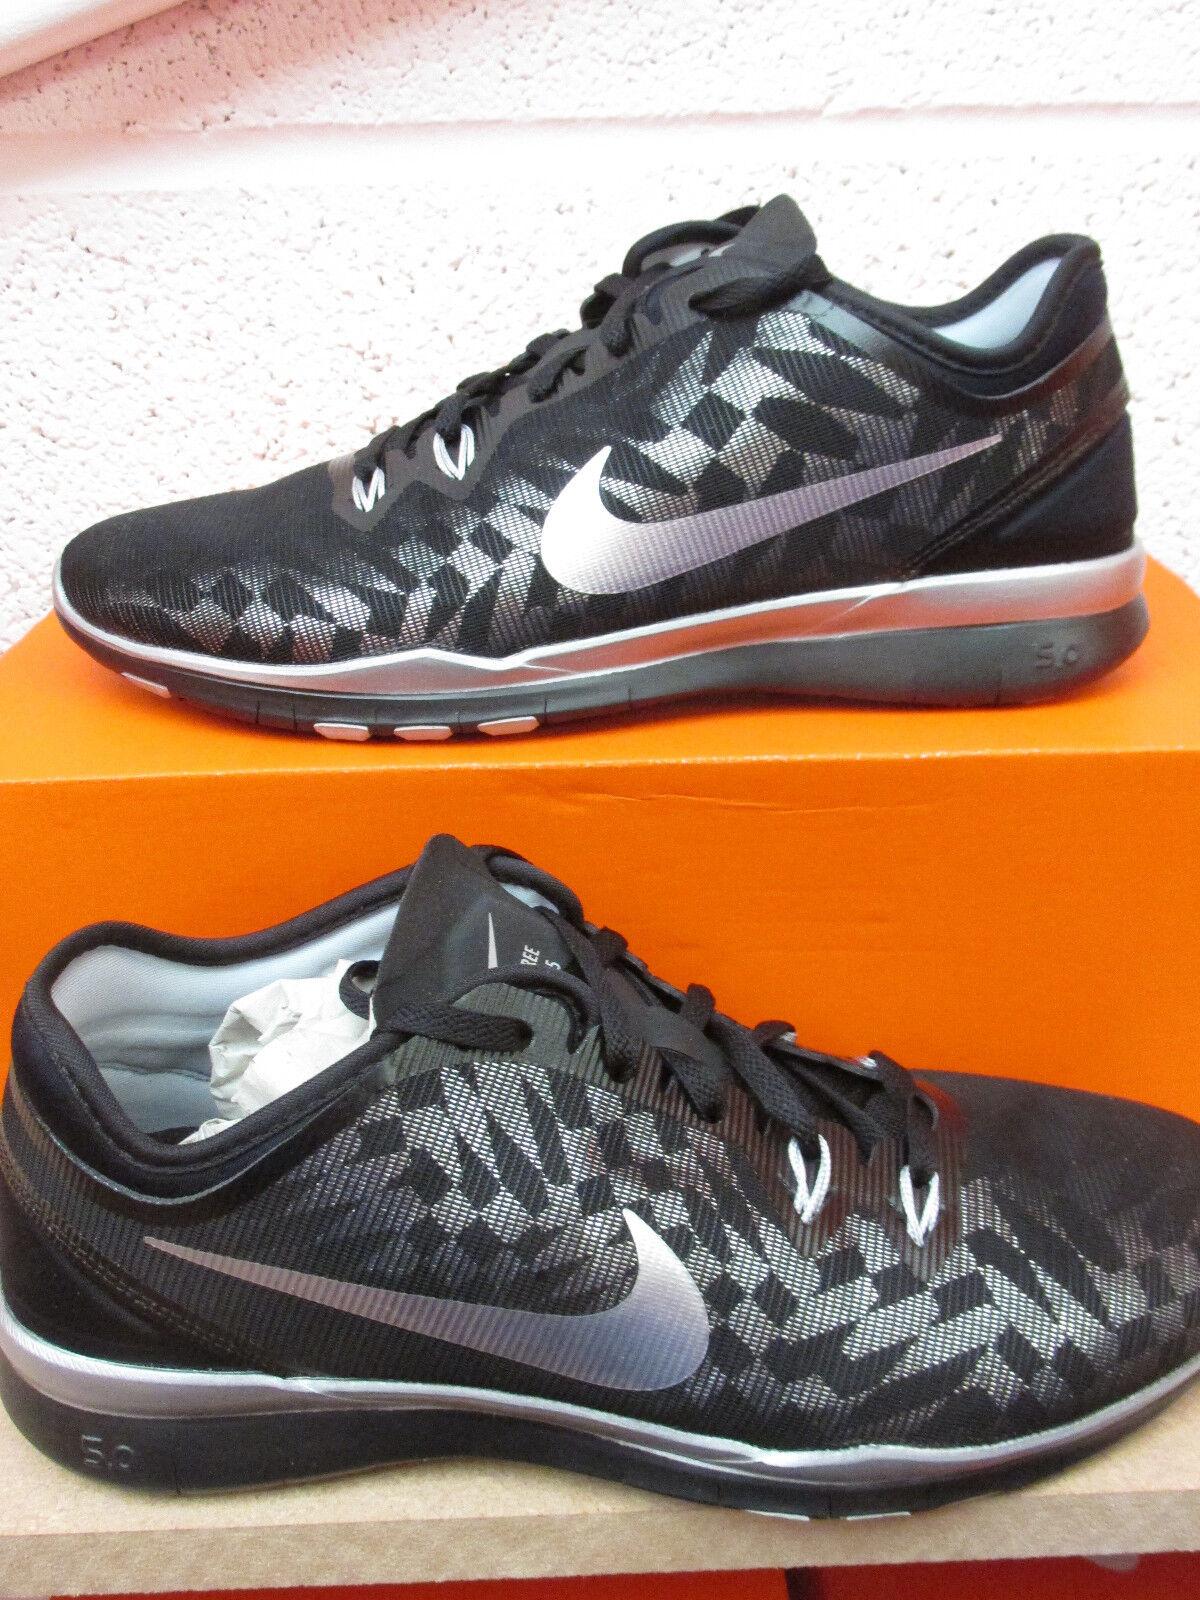 Nike Donna Free 5.0 Scarpe Tr Fit 5 Metallizzato Scarpe 5.0 Sportive 806277 001 da Tennis 13a397